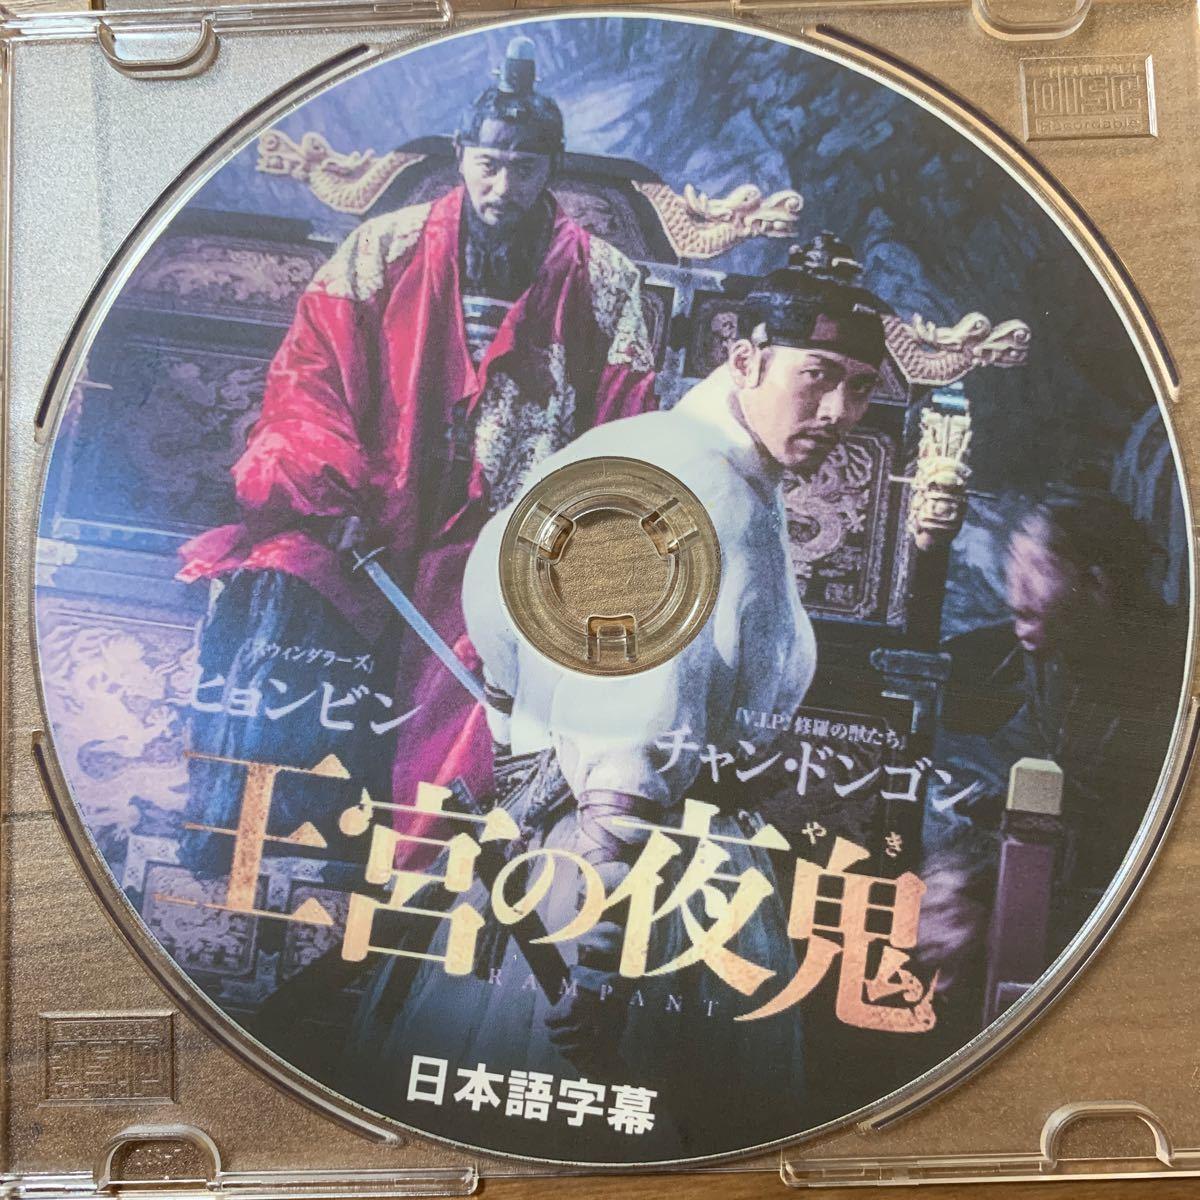 ヒョンビン チャンドンゴン出演 王宮の夜鬼 DVD DVD